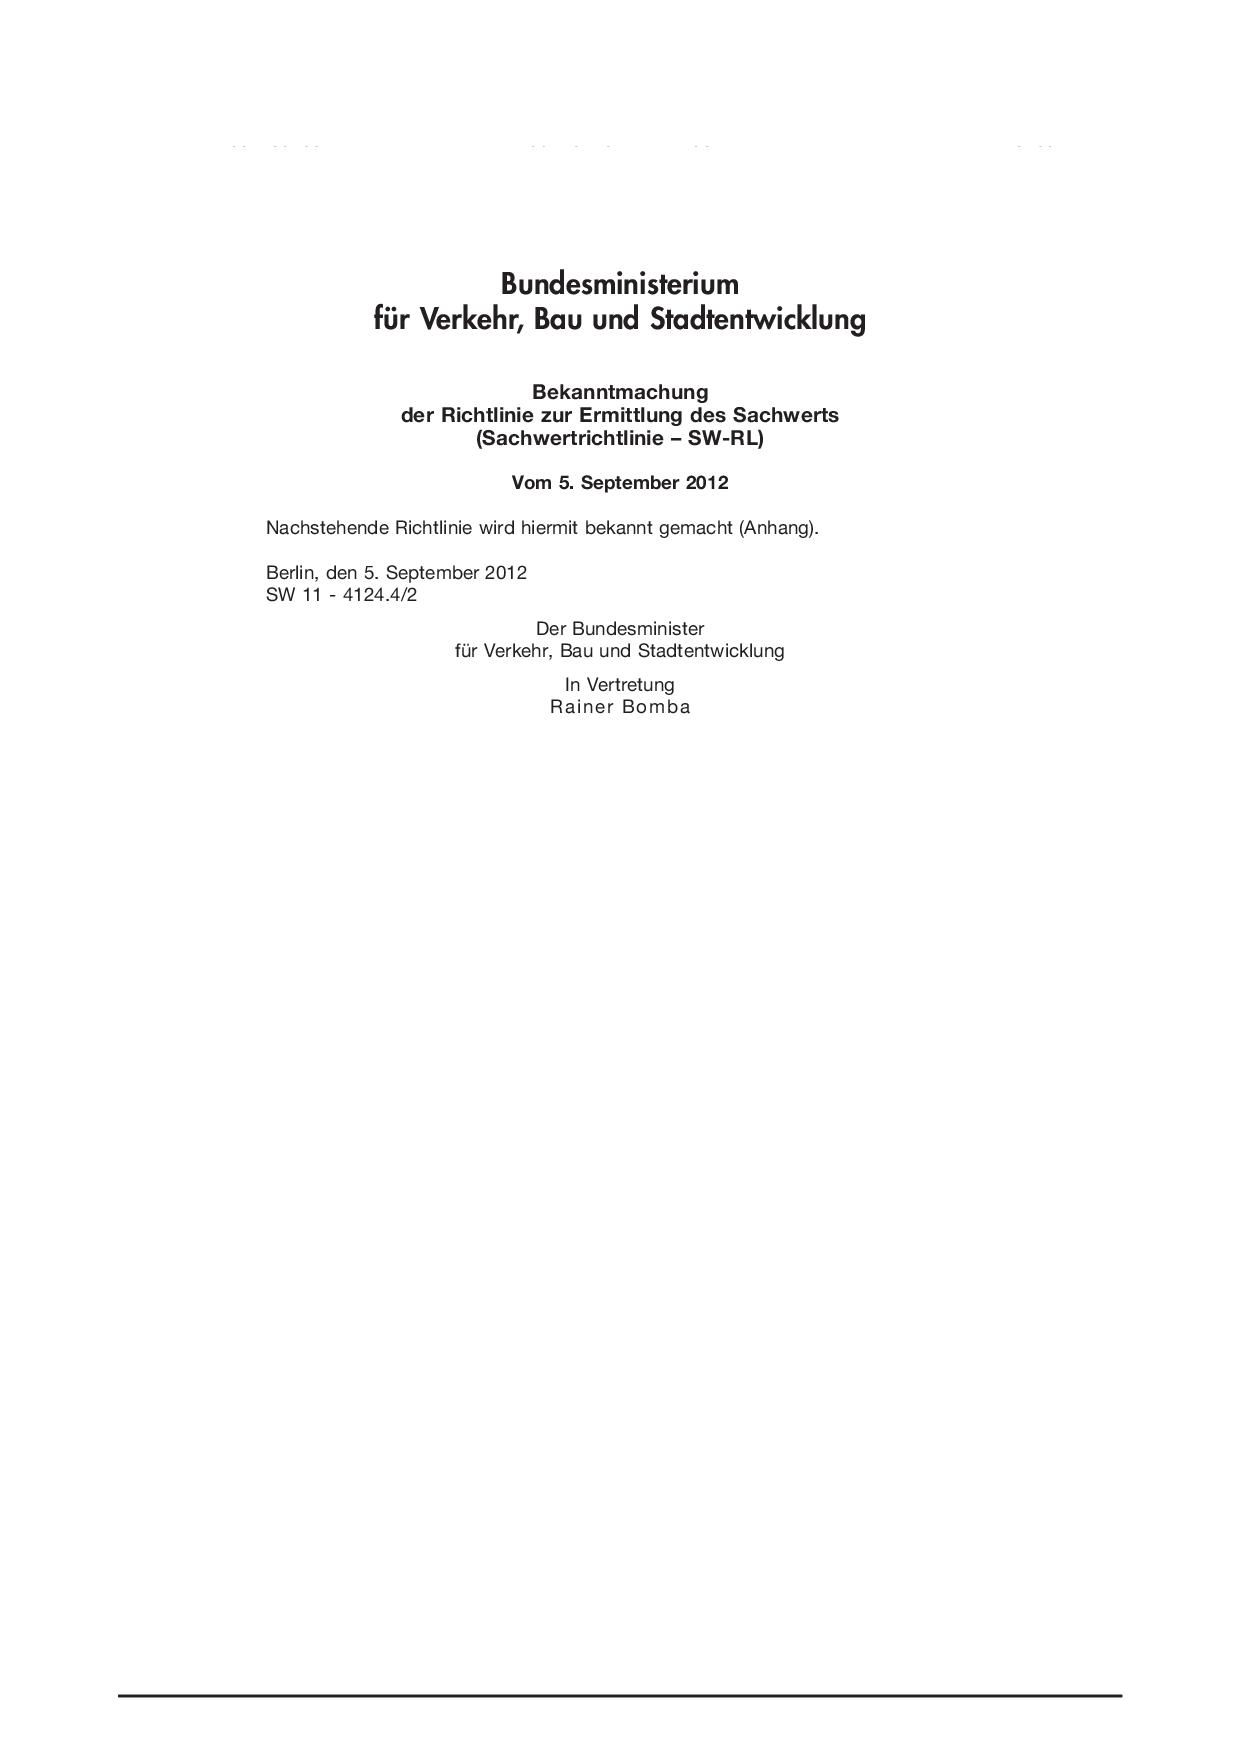 Richtlinie zur Ermittlung des Sachwerts Sachwertrichtlinie – SW-RL